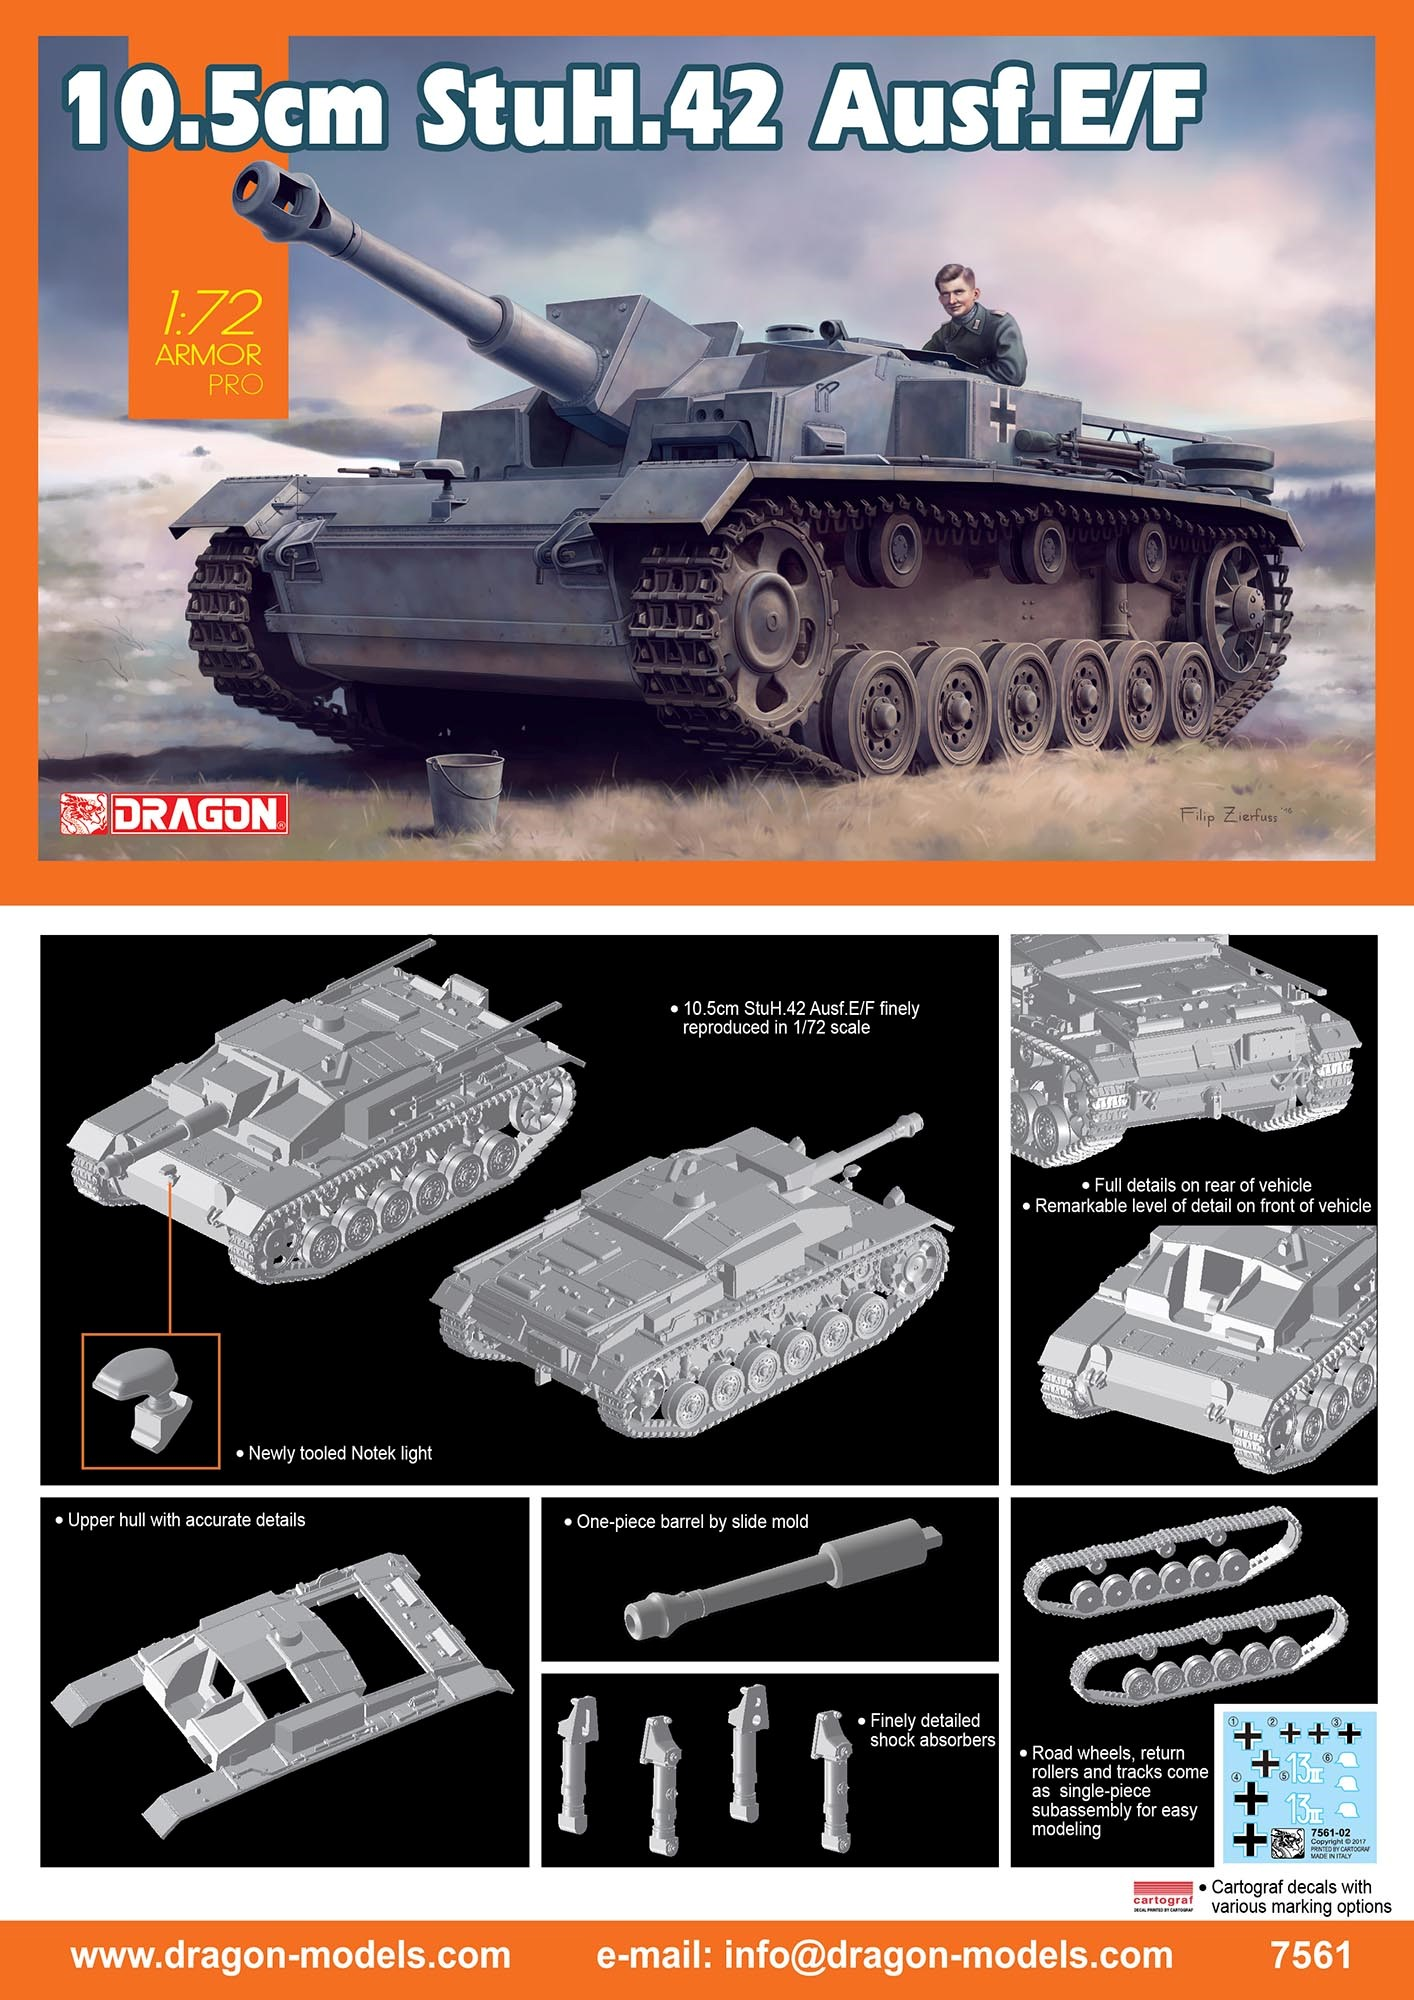 7561  10.5cm StuH.42 Ausf.E/F, Dragon